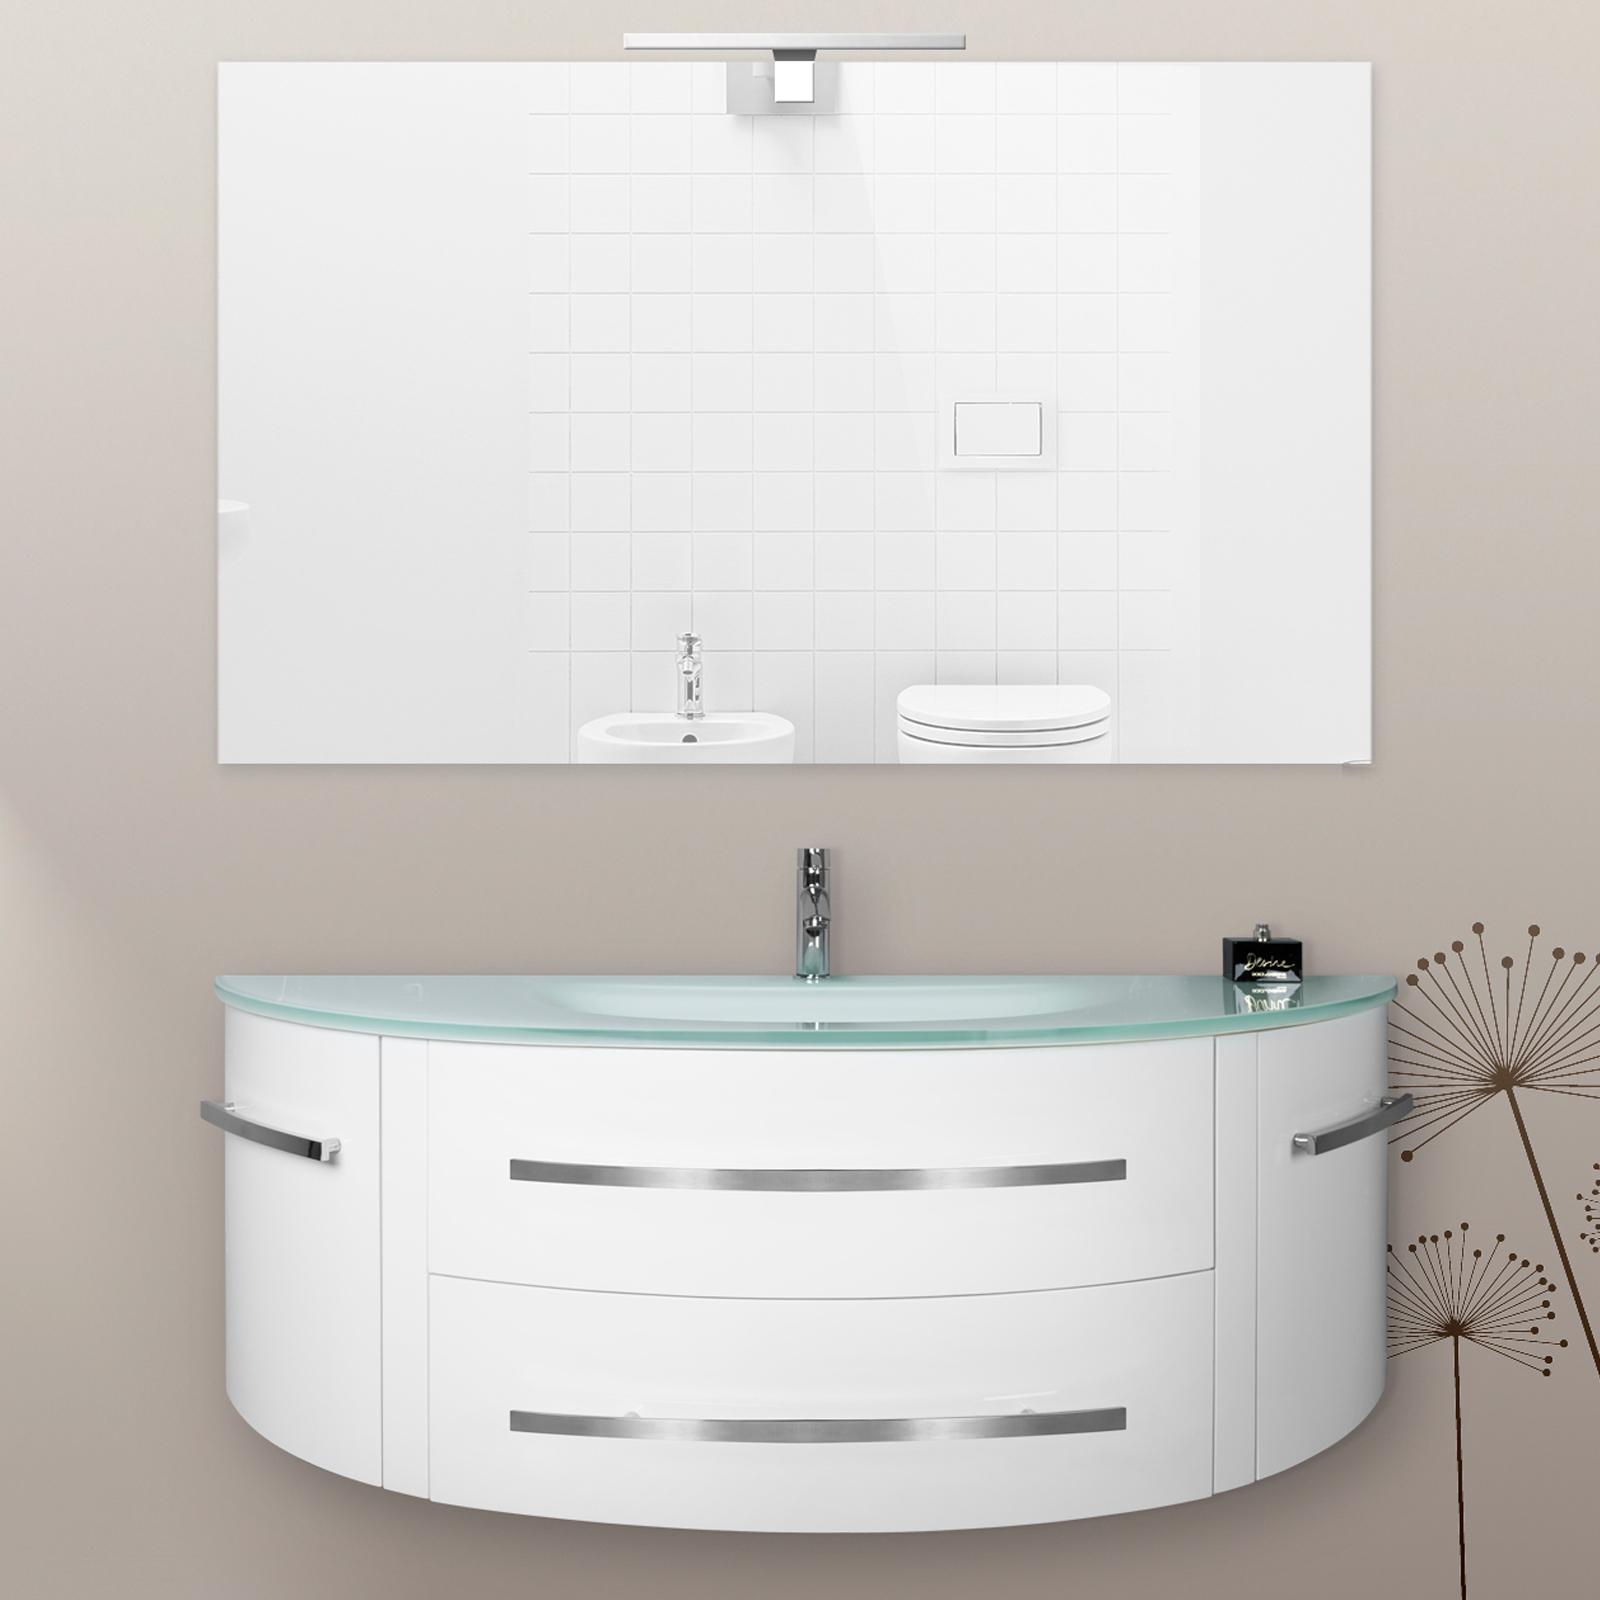 Beta Badezimmerschrank mit farbigem Kristallwaschtisch bz